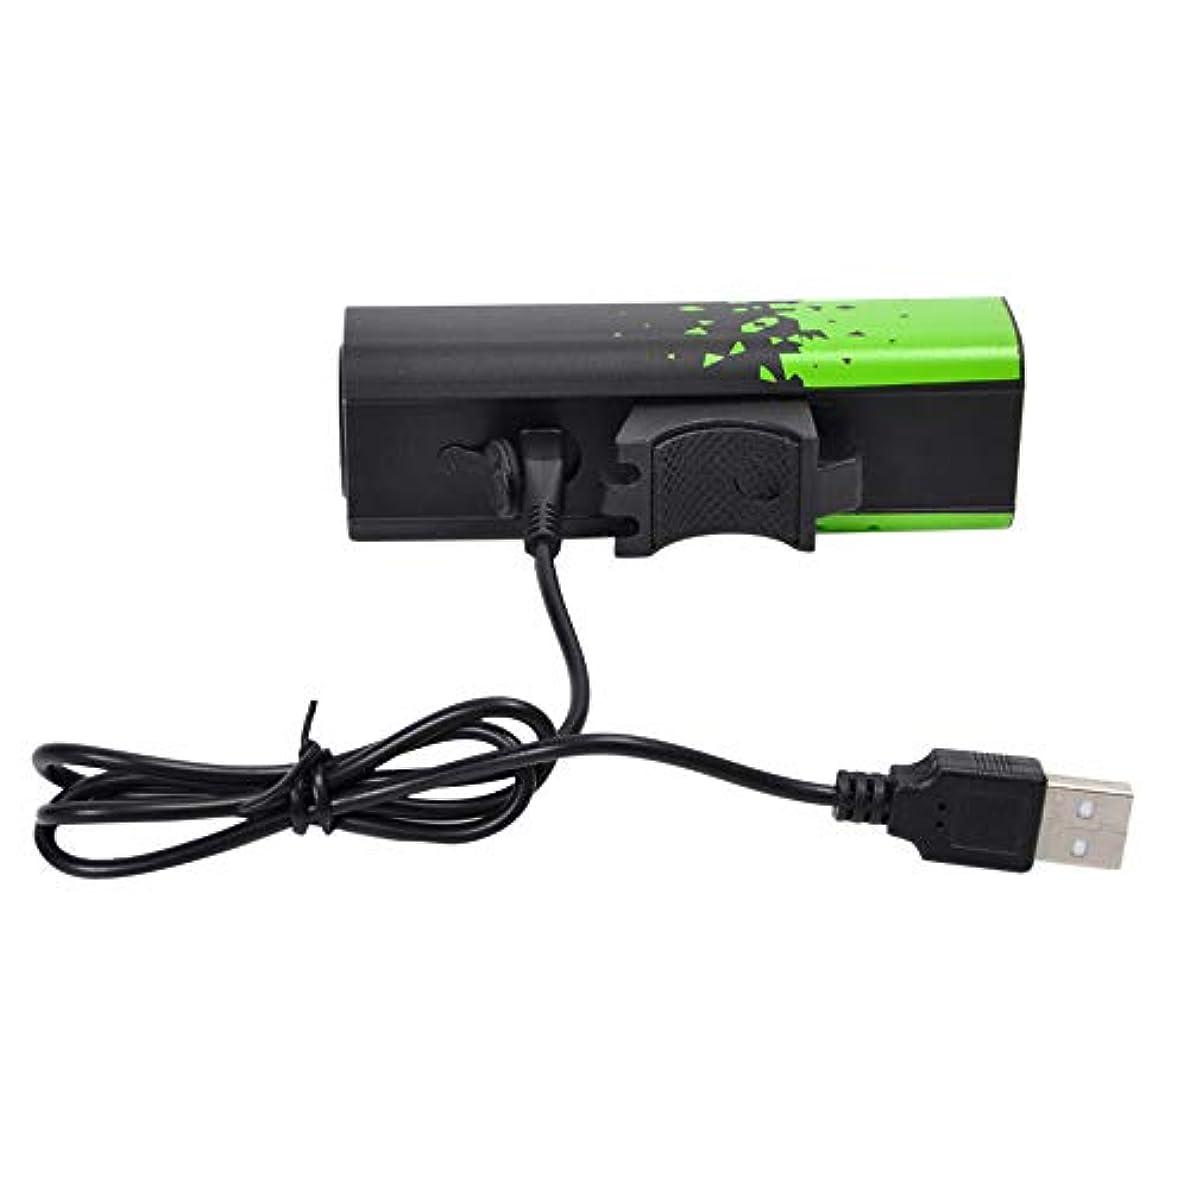 作り法王反応する発信スタイルの楽しみ防水ハイライトT6 LEDサイクリングバイクランプ自転車ヘッドライト懐中電灯